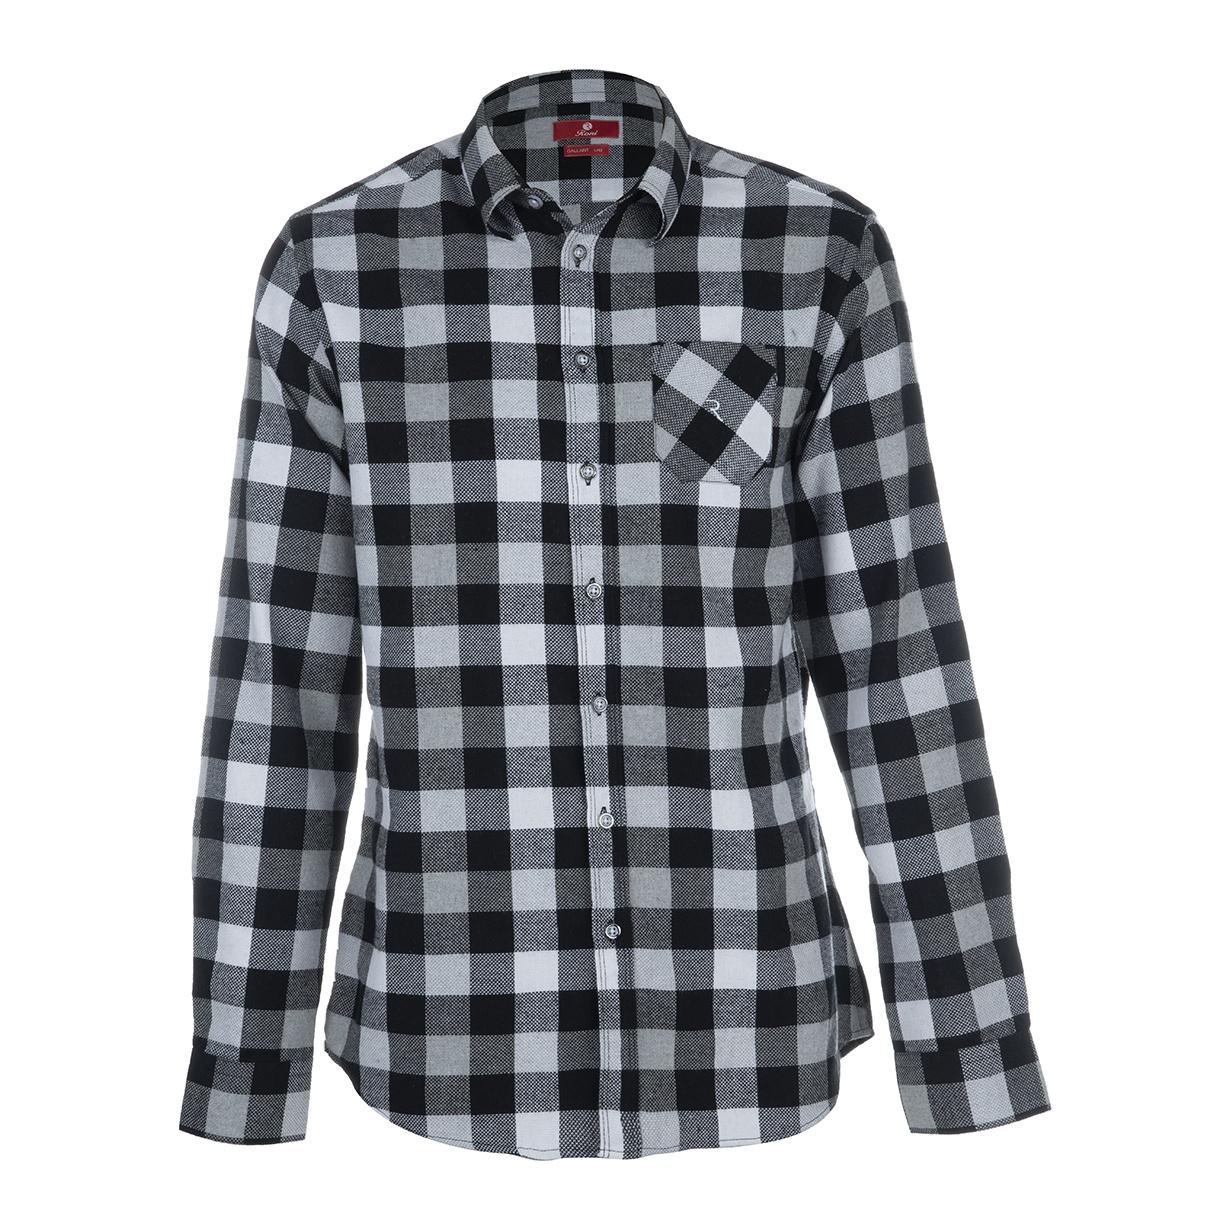 پیراهن مردانه رونی مدل 1133015434-99